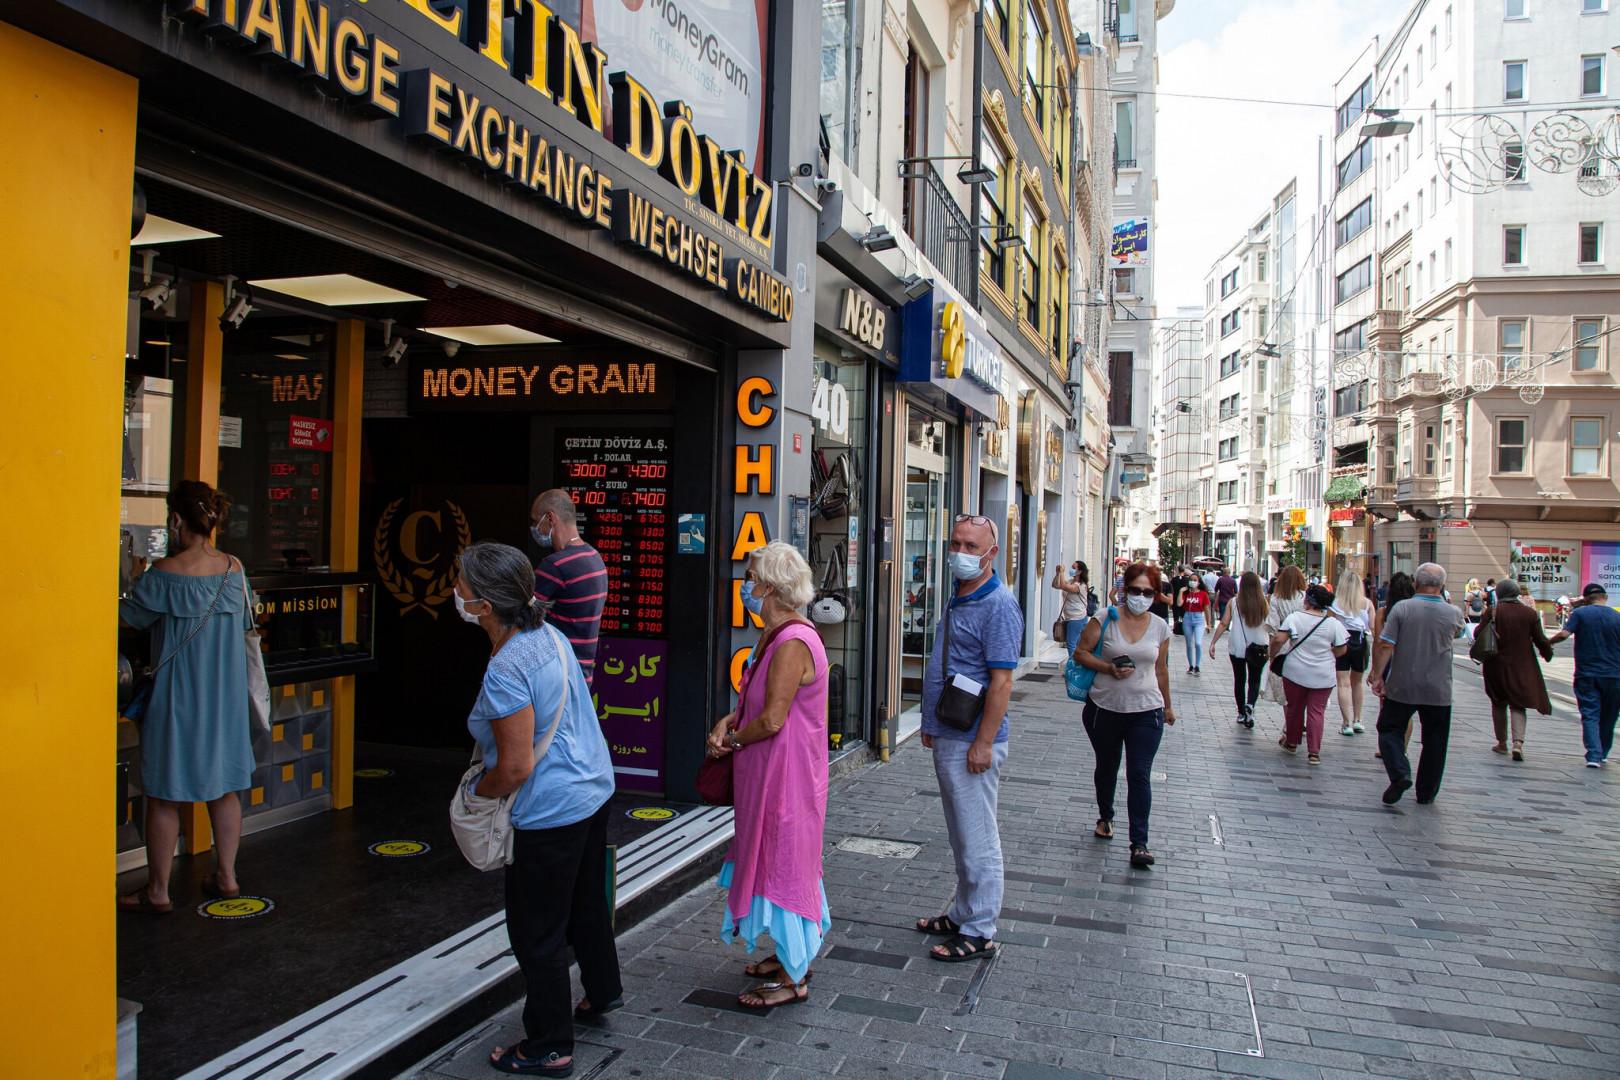 تركيا تعلن حصيلة قياسية بوفيات كورونا: بعض المناطق تشهد ذروة ثالثة من الوباء